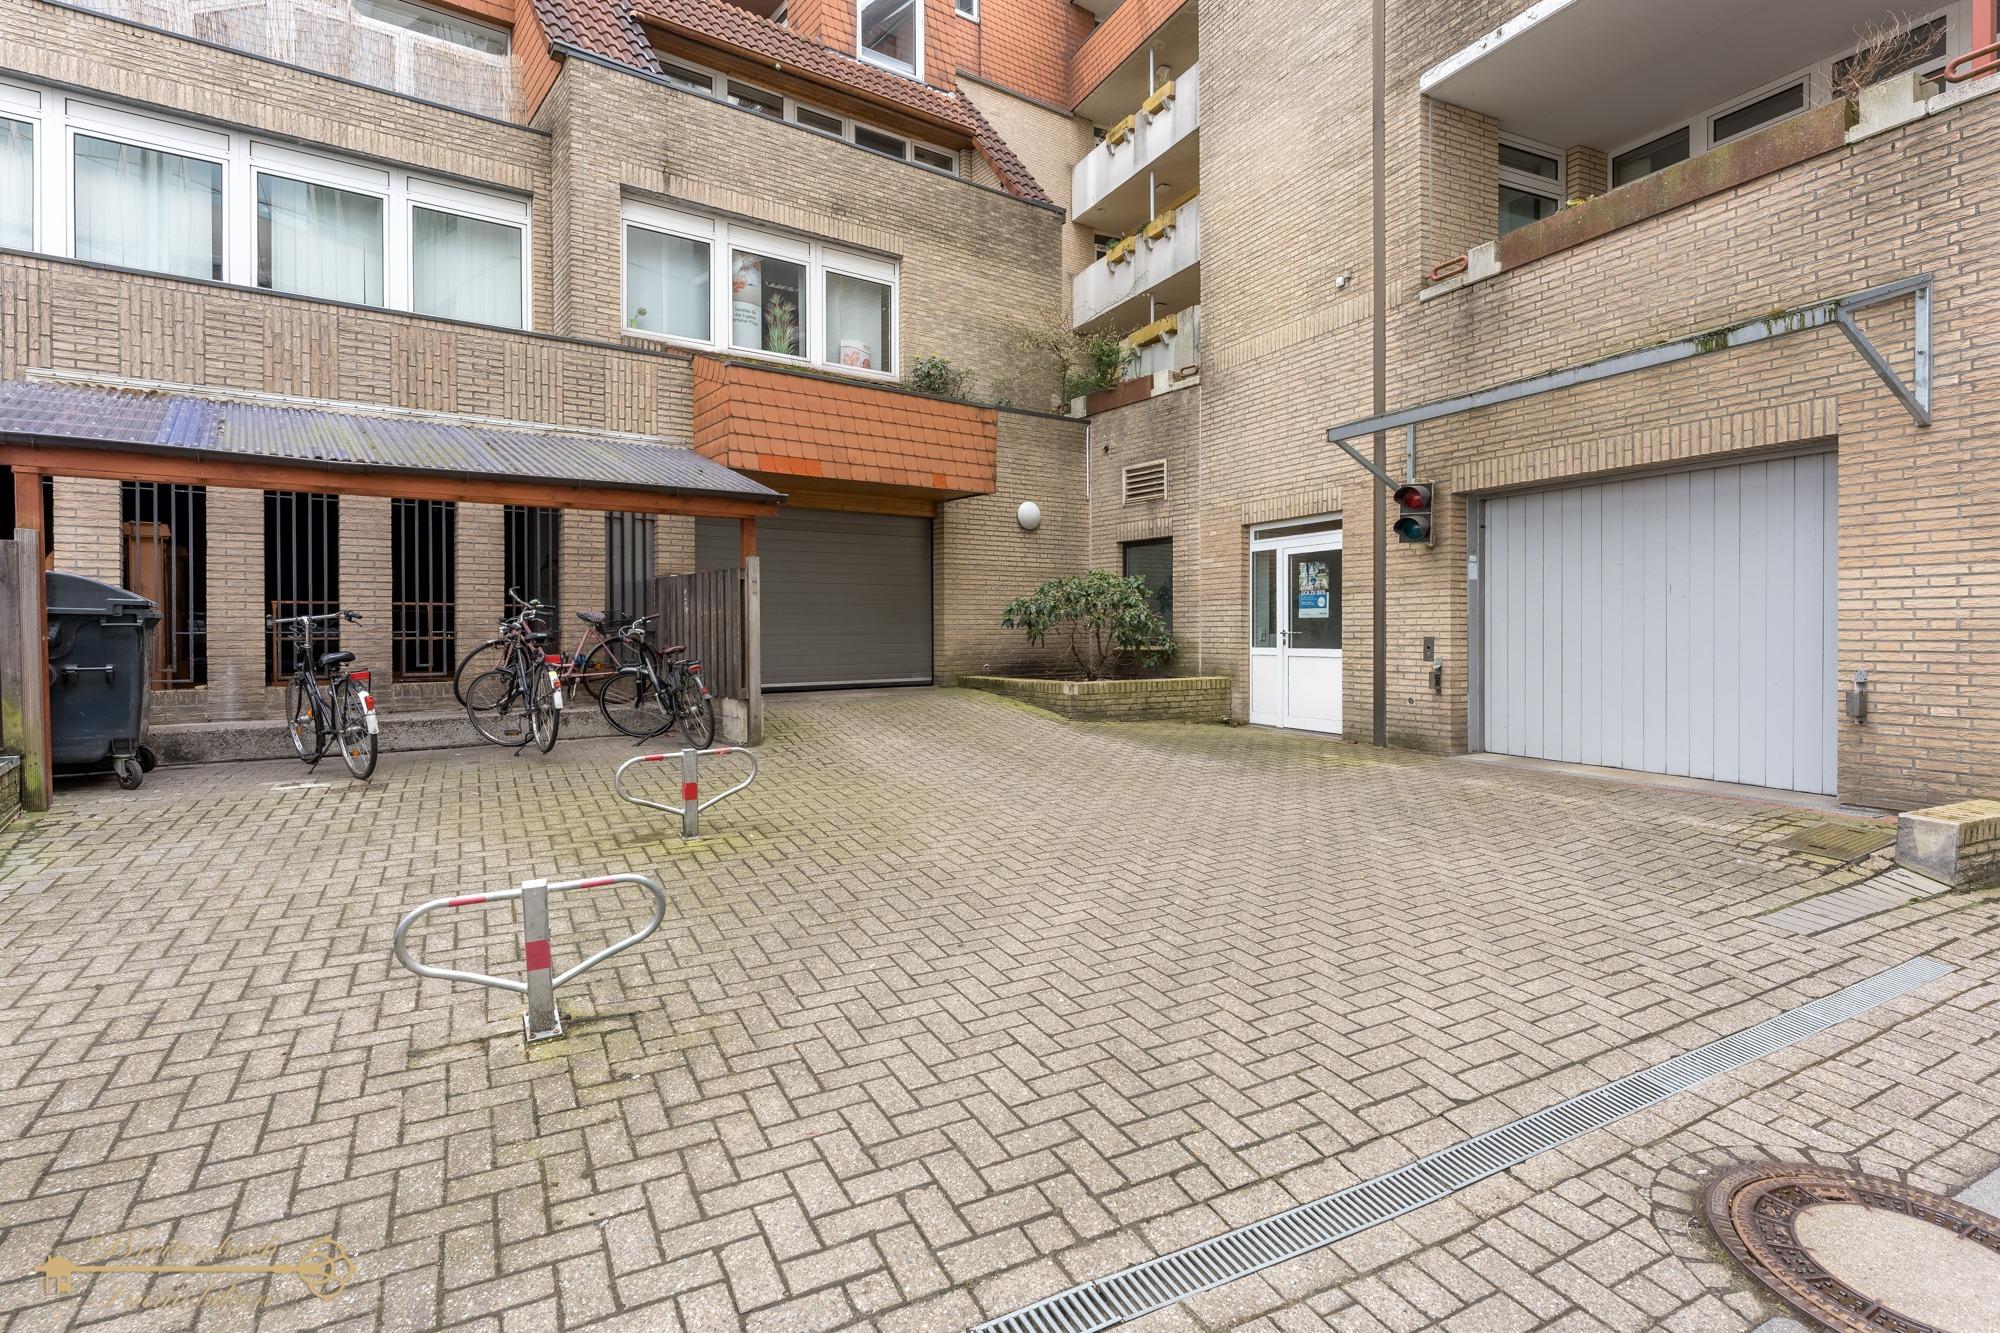 2021-04-13-Breitenbach-Immobilien-Makler-Bremen-19